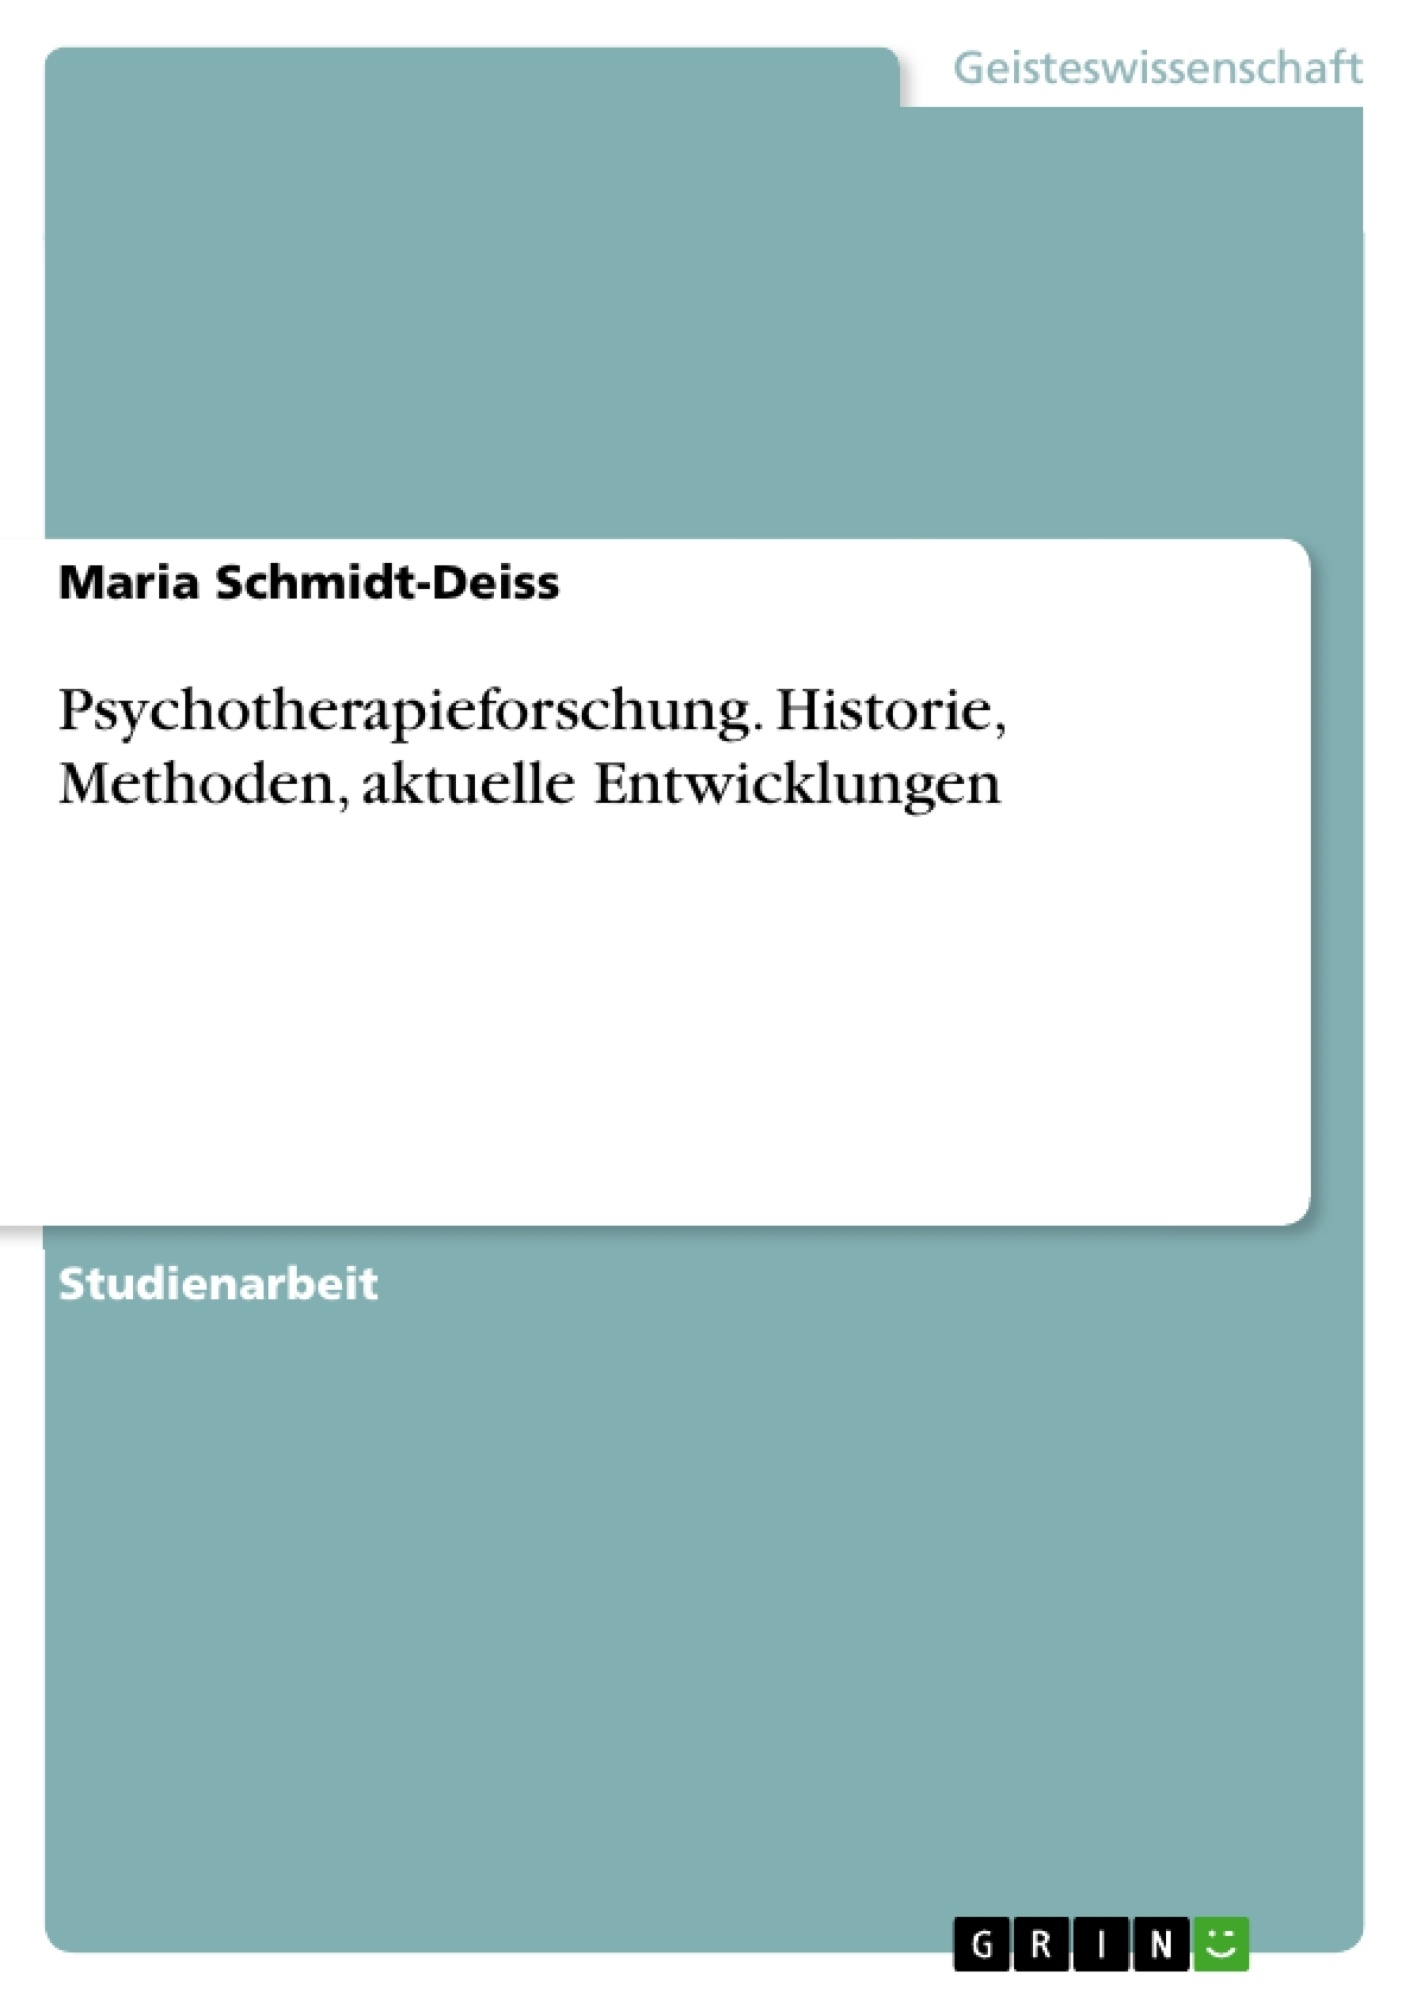 Titel: Psychotherapieforschung. Historie, Methoden, aktuelle Entwicklungen